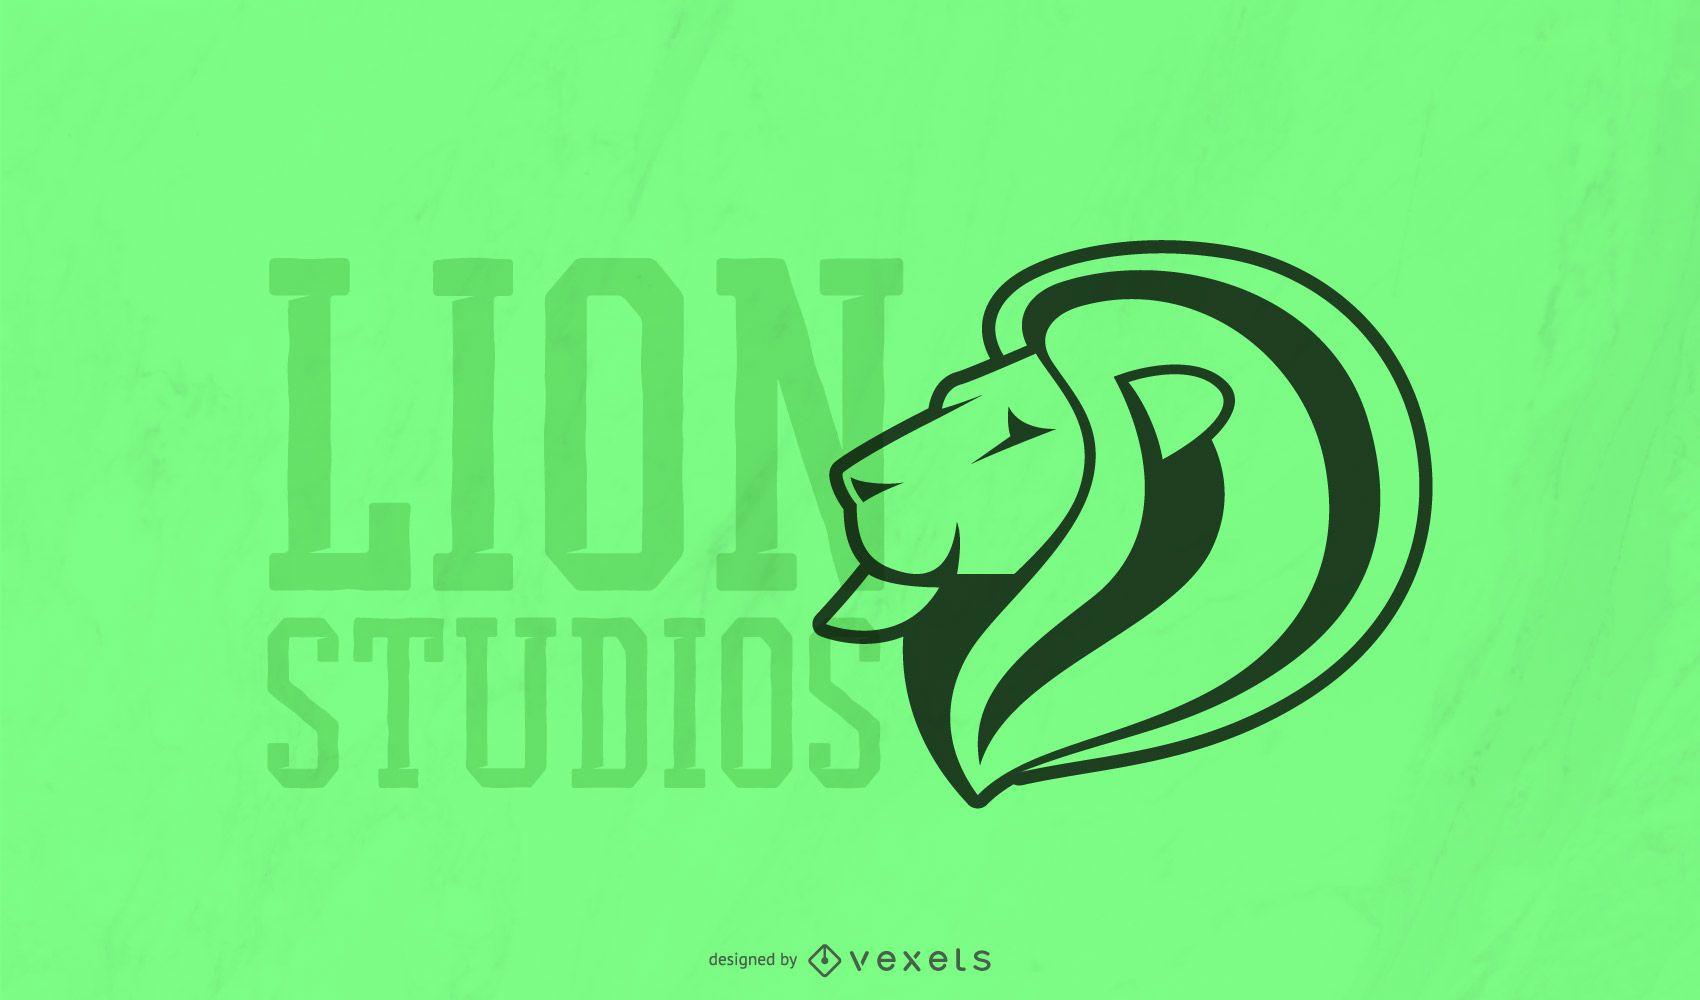 Modelo de logotipo do Lion Studios